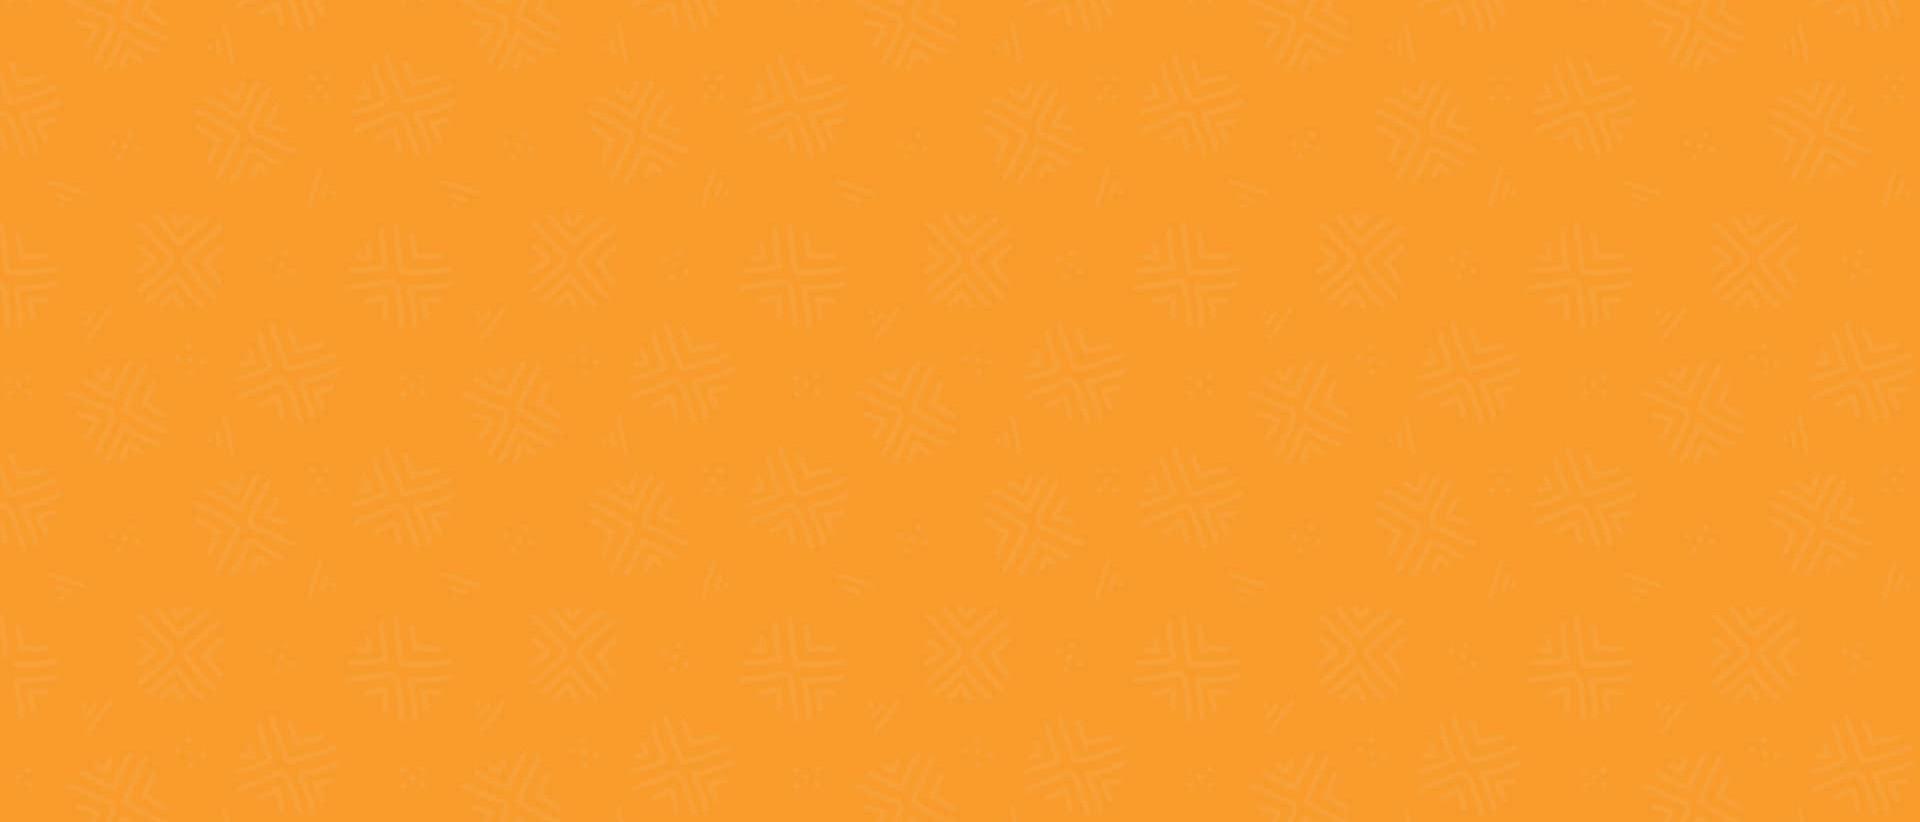 DEMANDAFRICA background 1920x1080